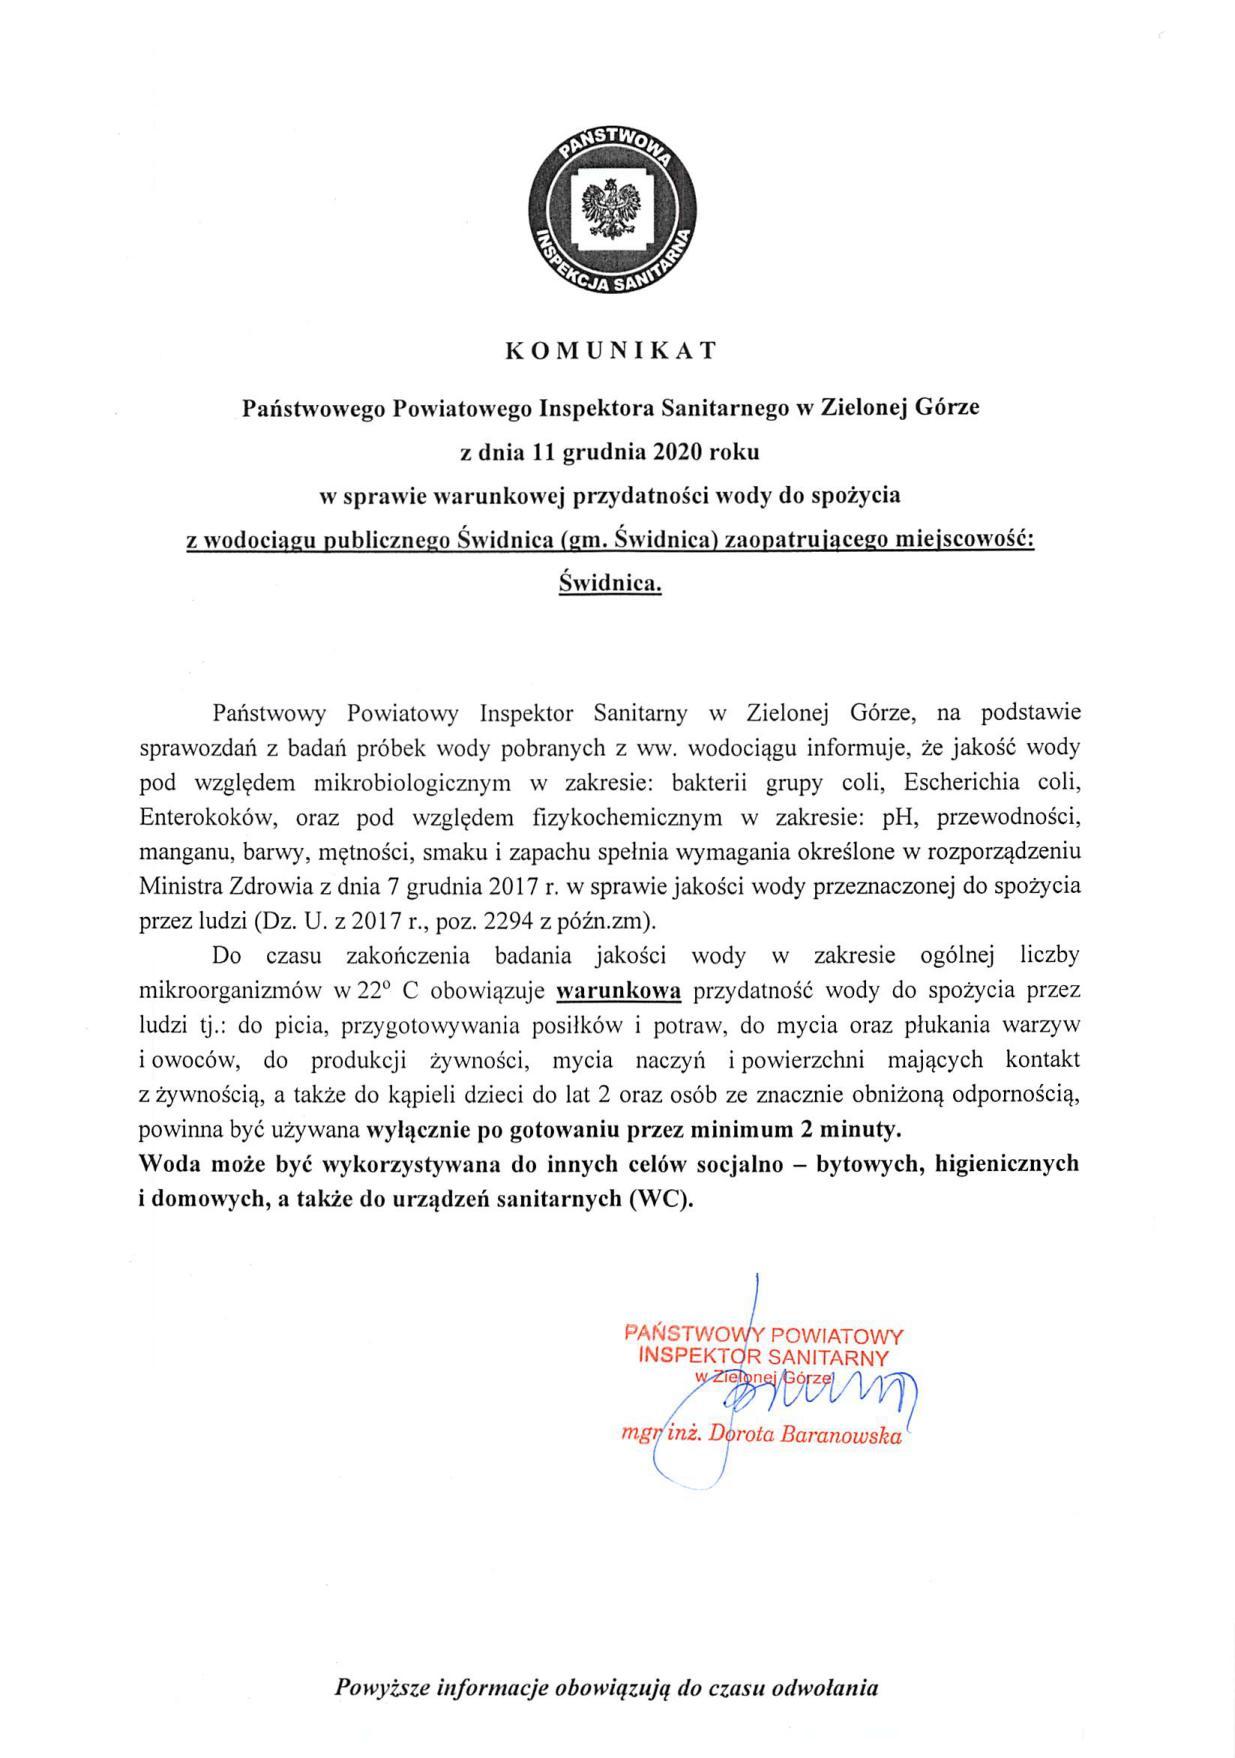 Komunikat Sanepidu o warunkowej przydatności wody w m. Świdnica